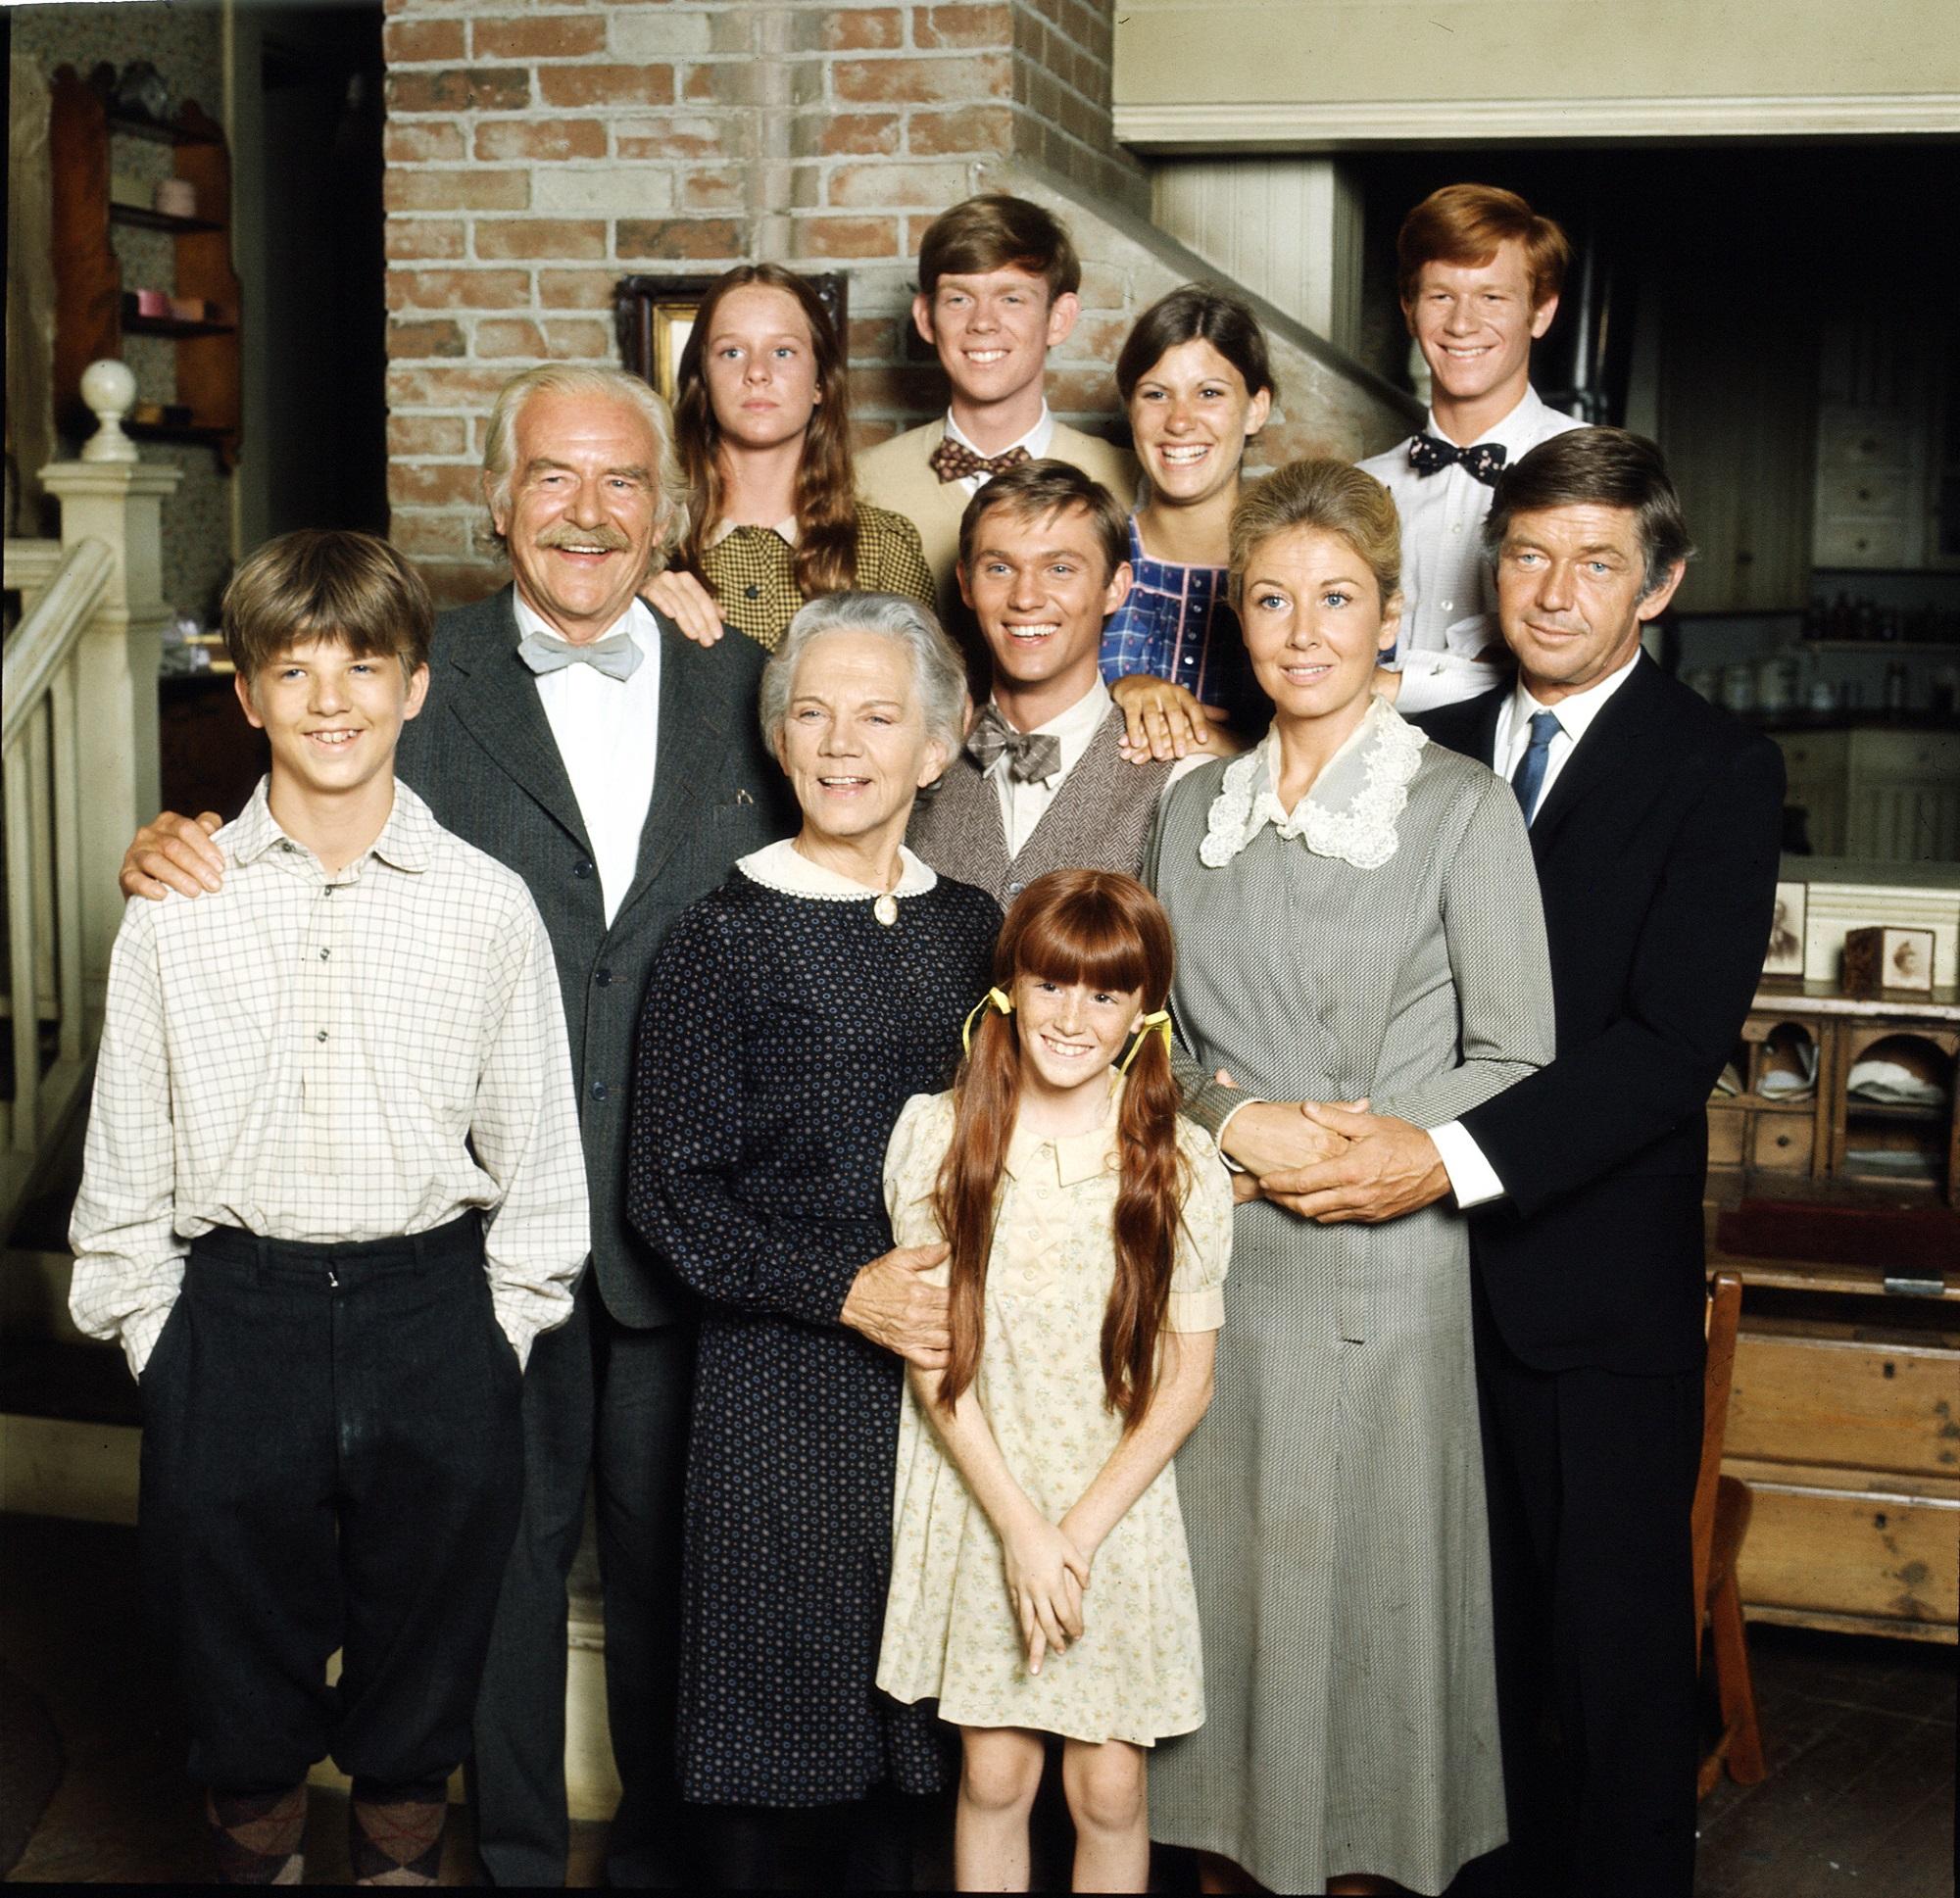 The Waltons family